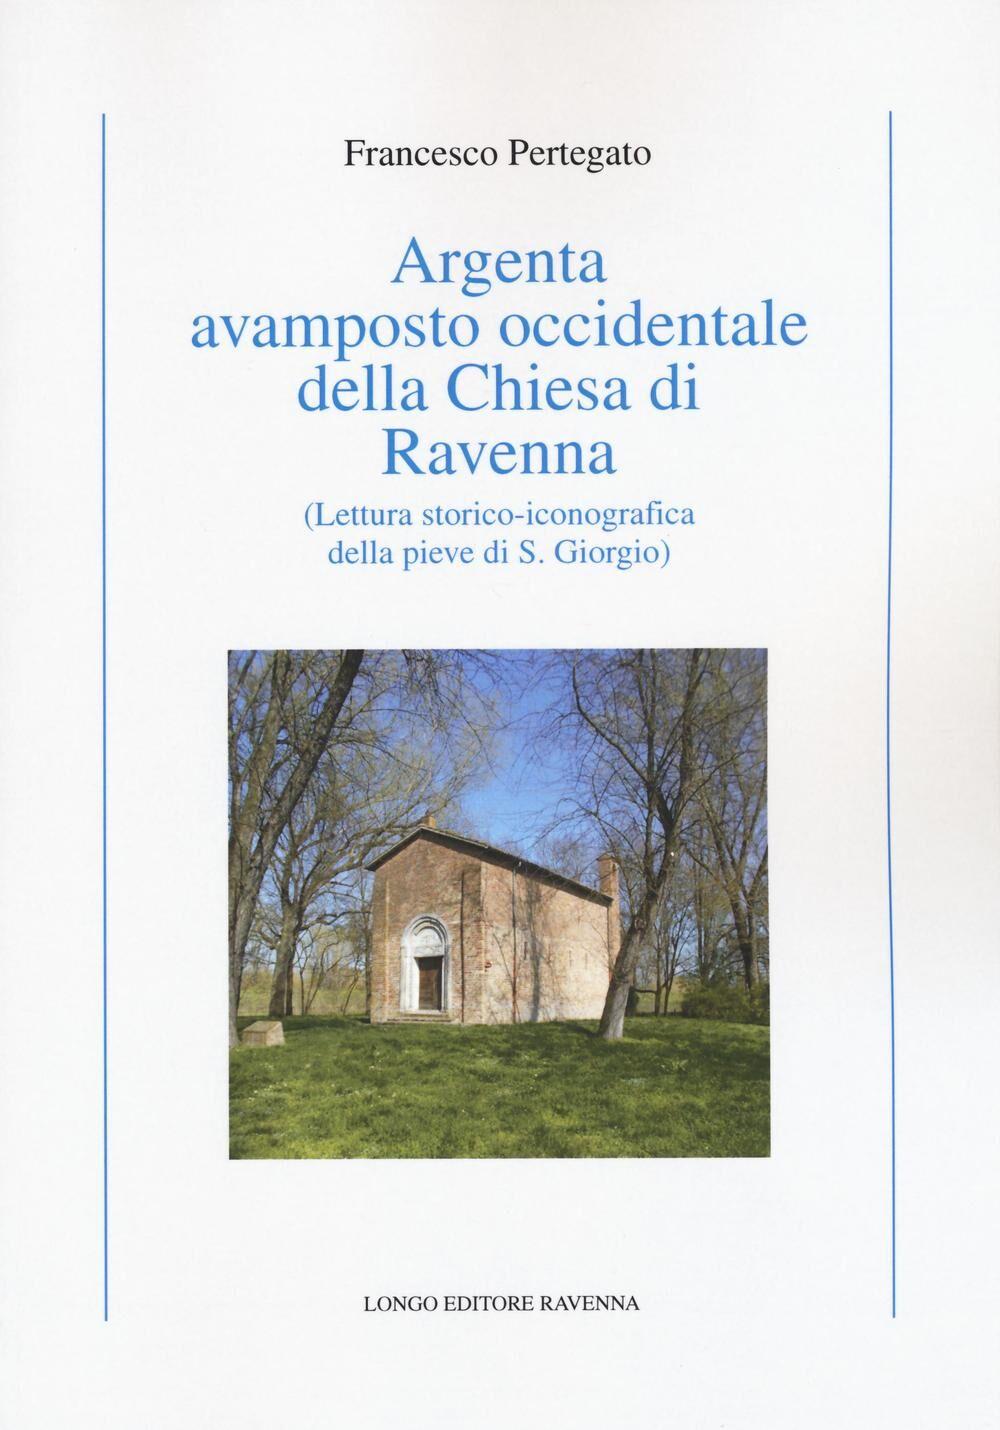 Argenta avamposto occidentale della Chiesa di Ravenna. Lettura storico-iconografica della pieve di S. Giorgio